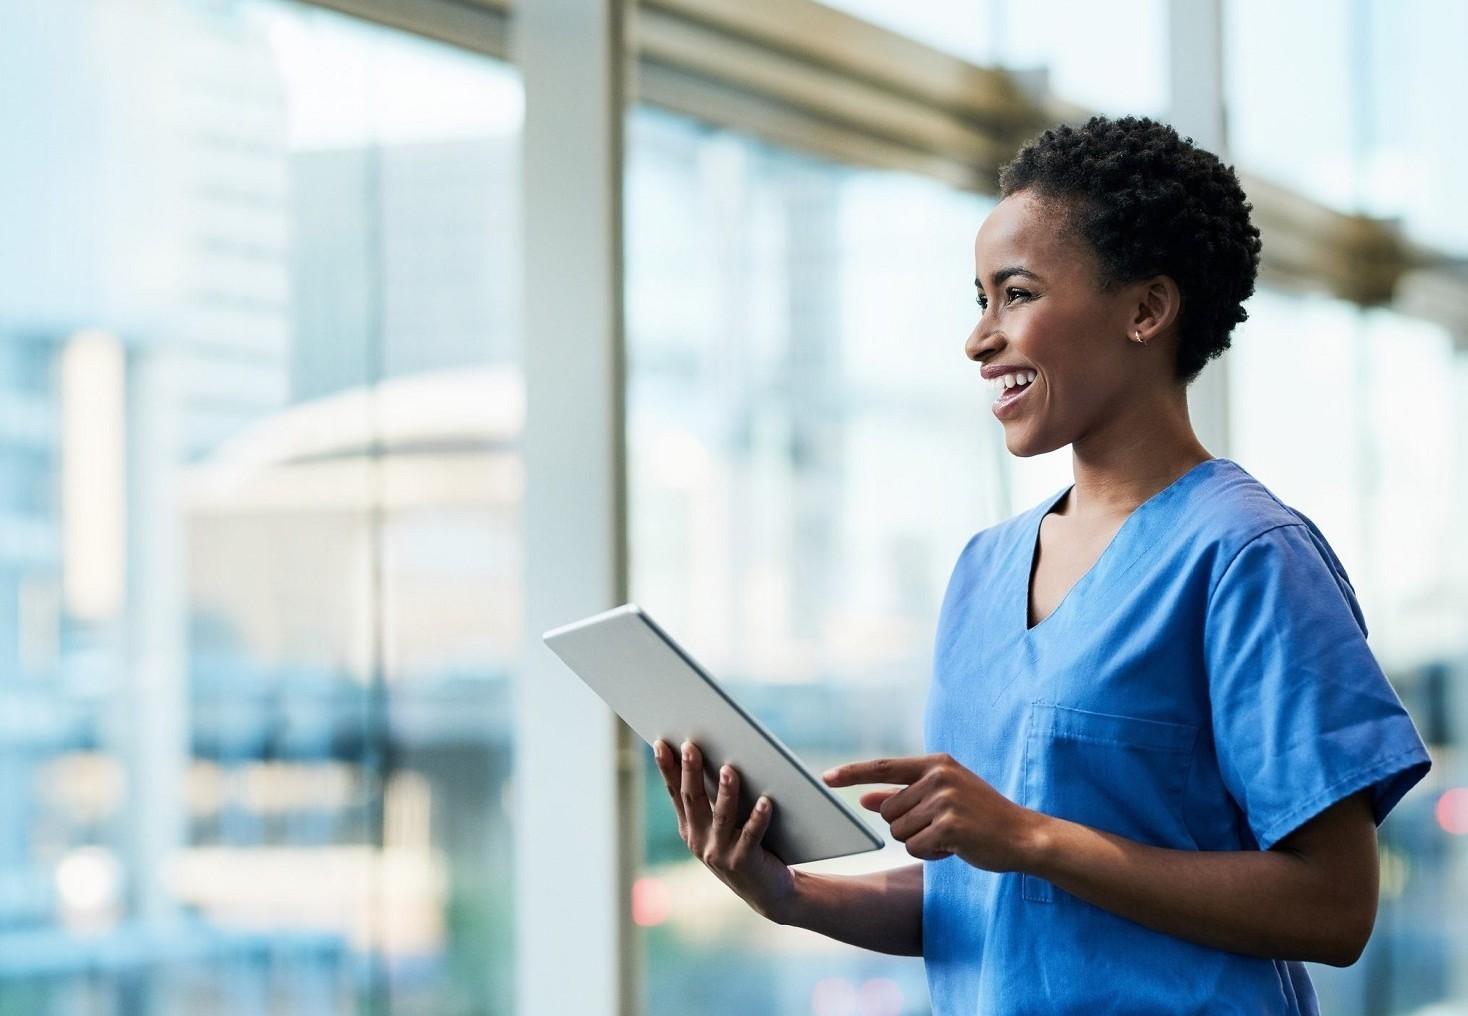 Contratto infermiere privato stipendi, livelli, ferie, permessi, malattia, licenziamento, straordinari